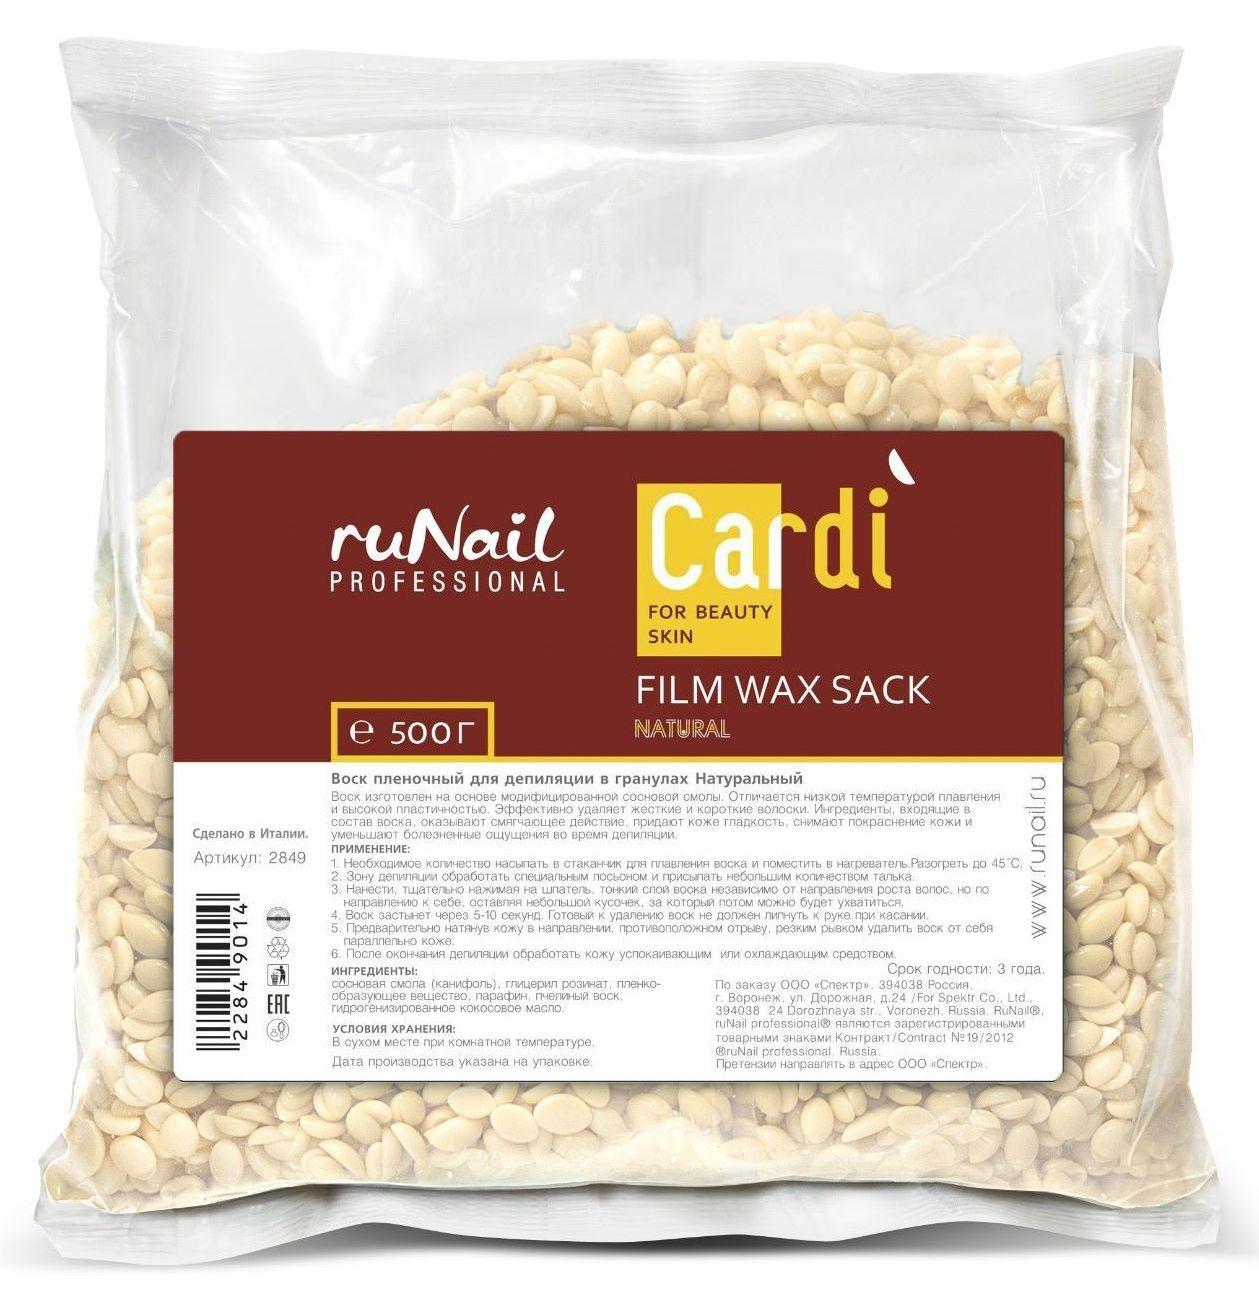 RuNail Воск пленочный в гранулах, натуральный / Cardi 500 г - Воски